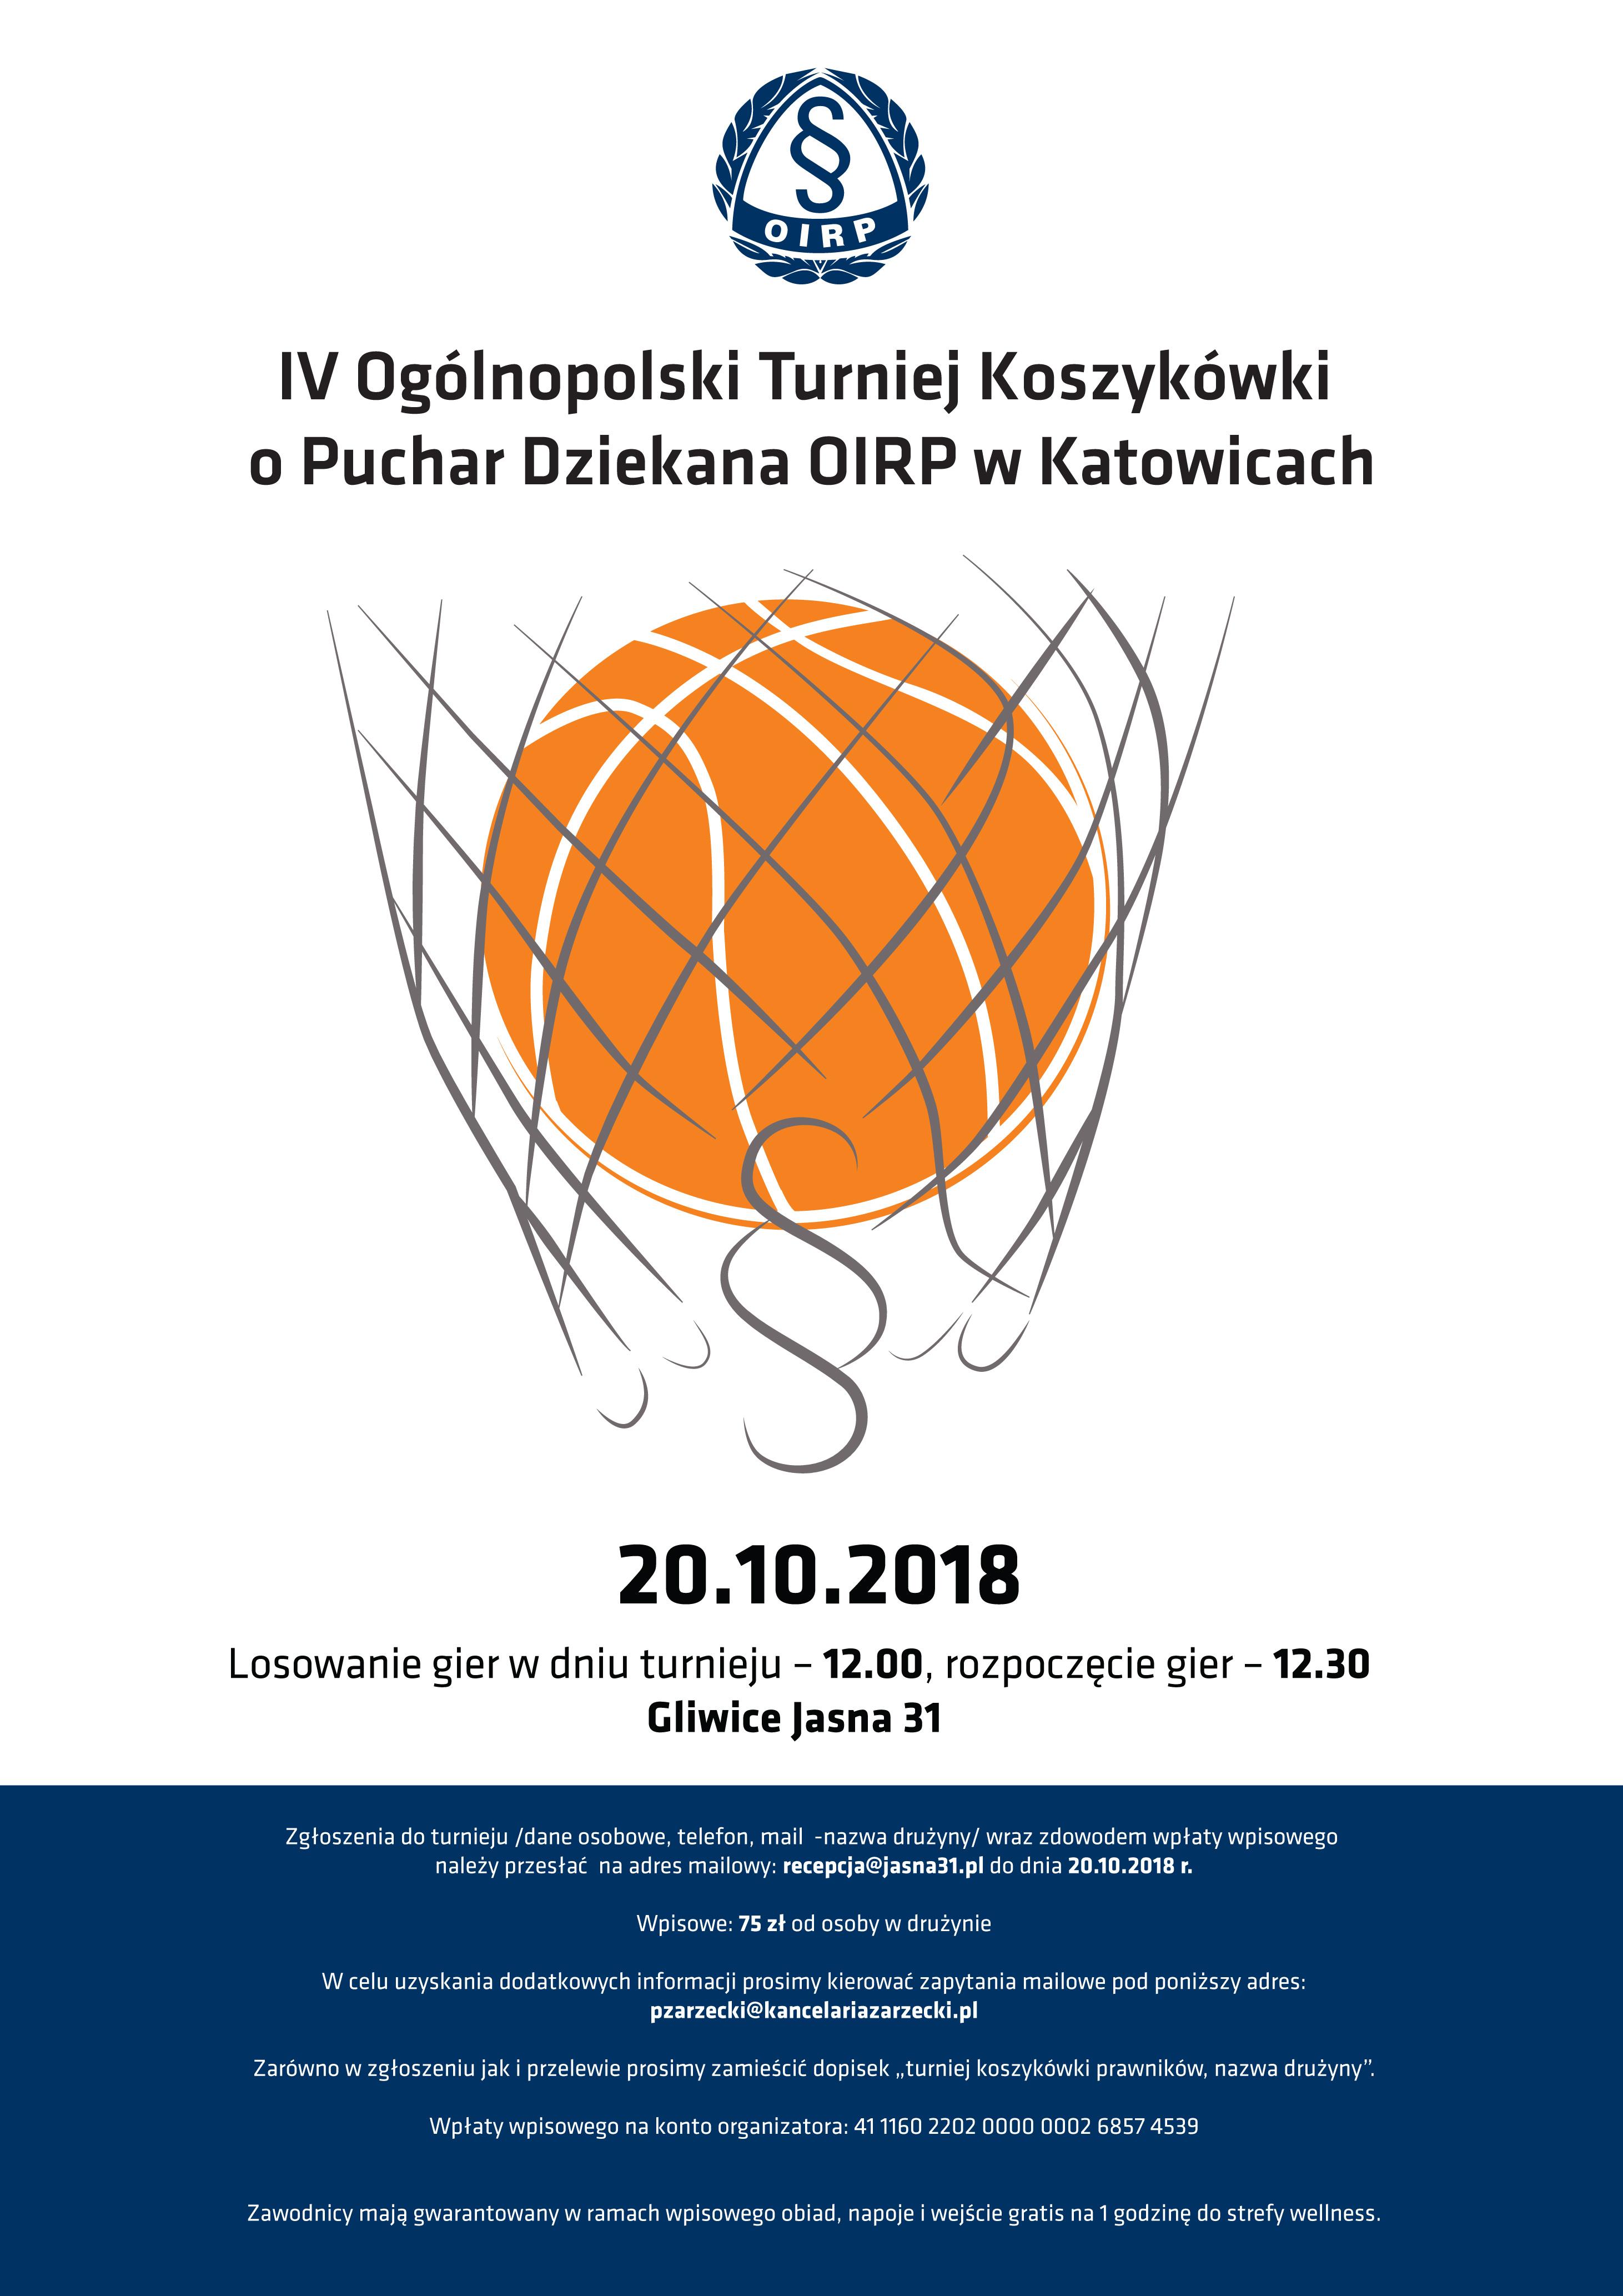 IV ogólnopolski turniej koszykówki o puchar dziekana OIRP w Katowicach